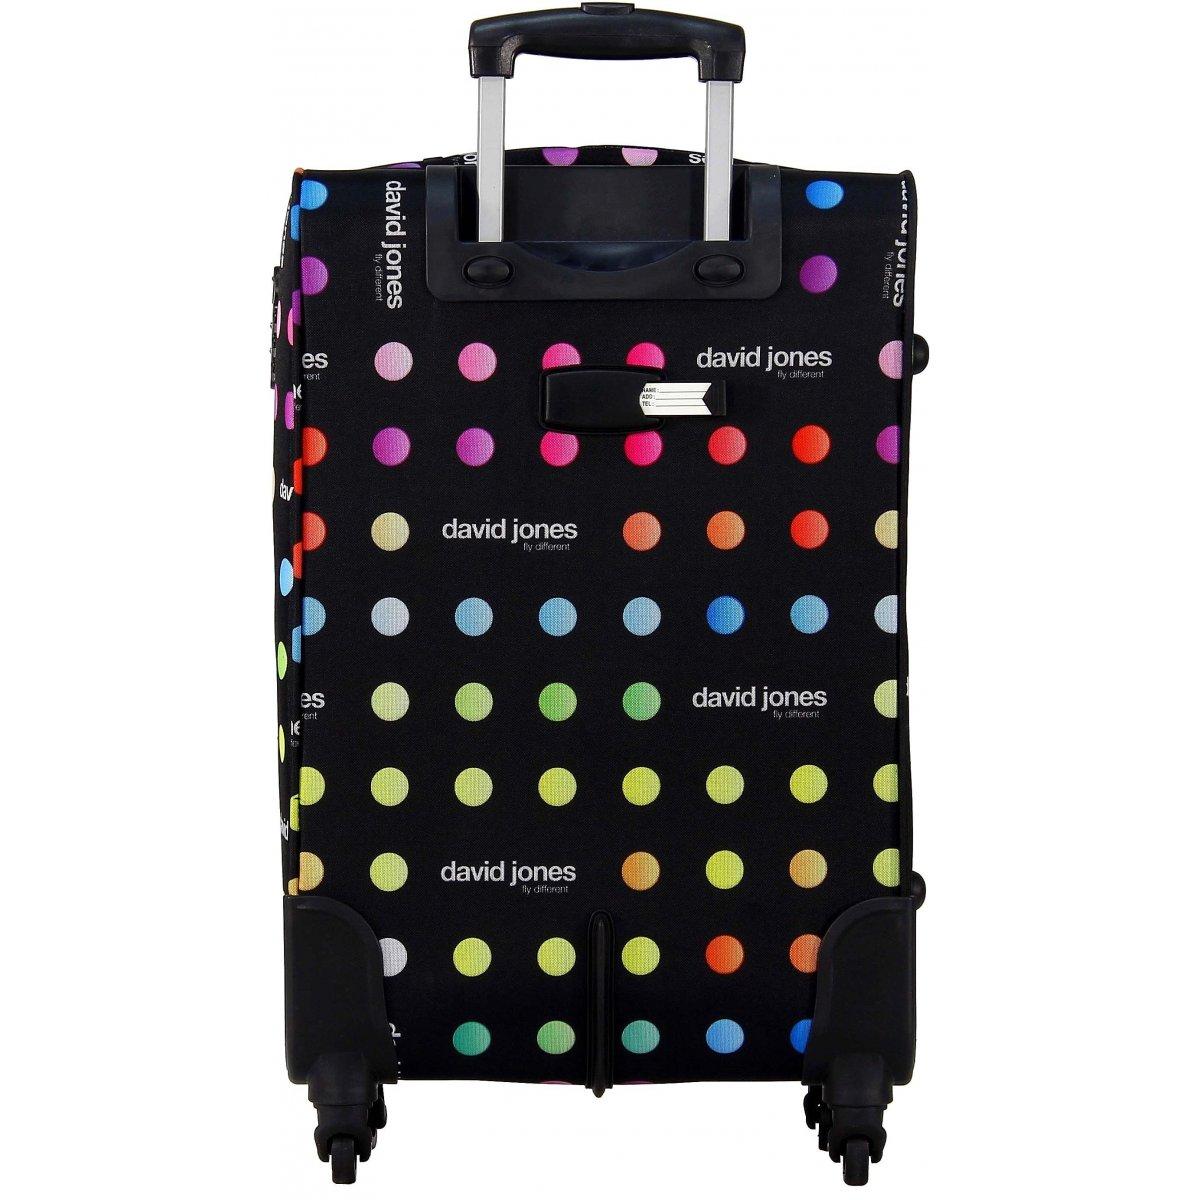 valise souple david jones taille g 76cm ba50171g couleur principale little pois promotion. Black Bedroom Furniture Sets. Home Design Ideas